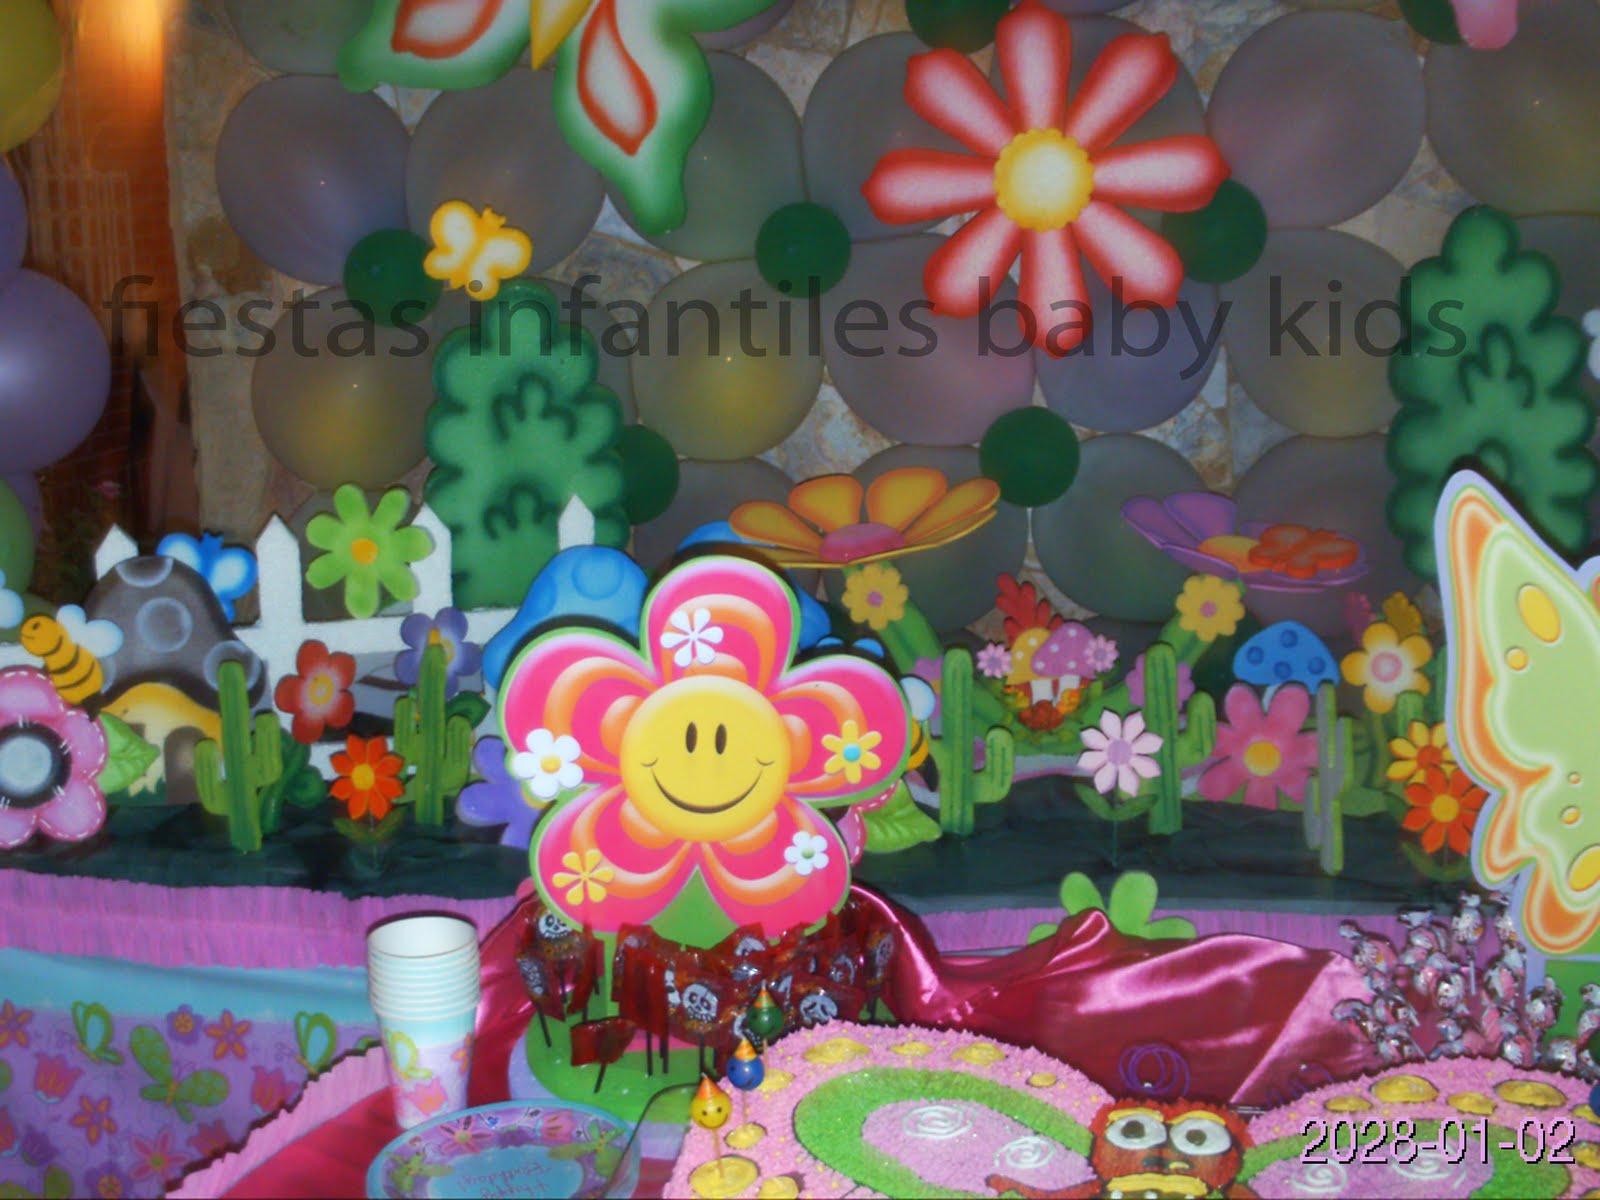 Fiestas infantiles baby kids decoracion de mariposa jardin - Decoracion para foto ...